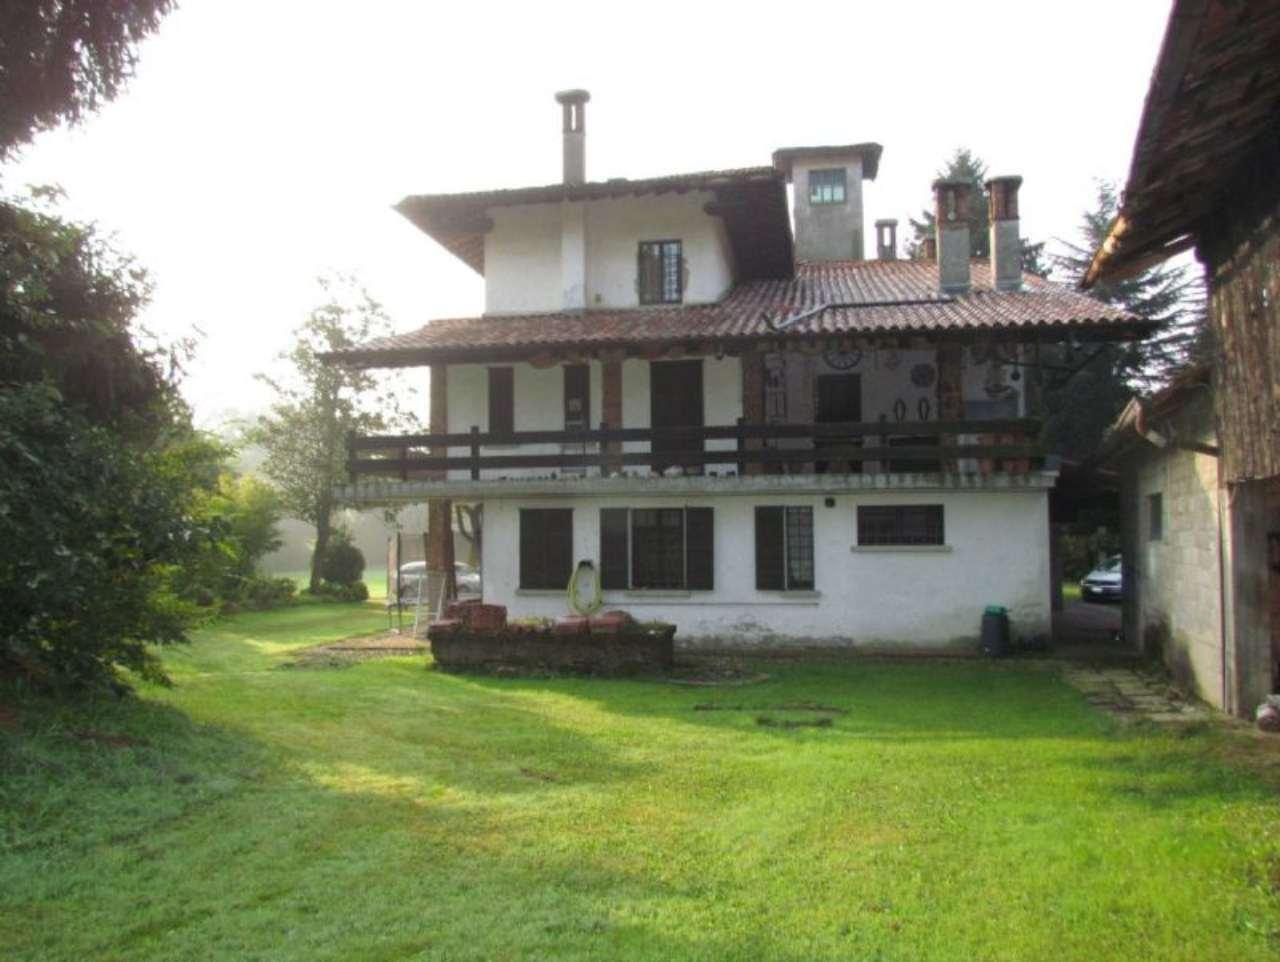 Appartamento in affitto a Locate Varesino, 2 locali, prezzo € 550 | CambioCasa.it